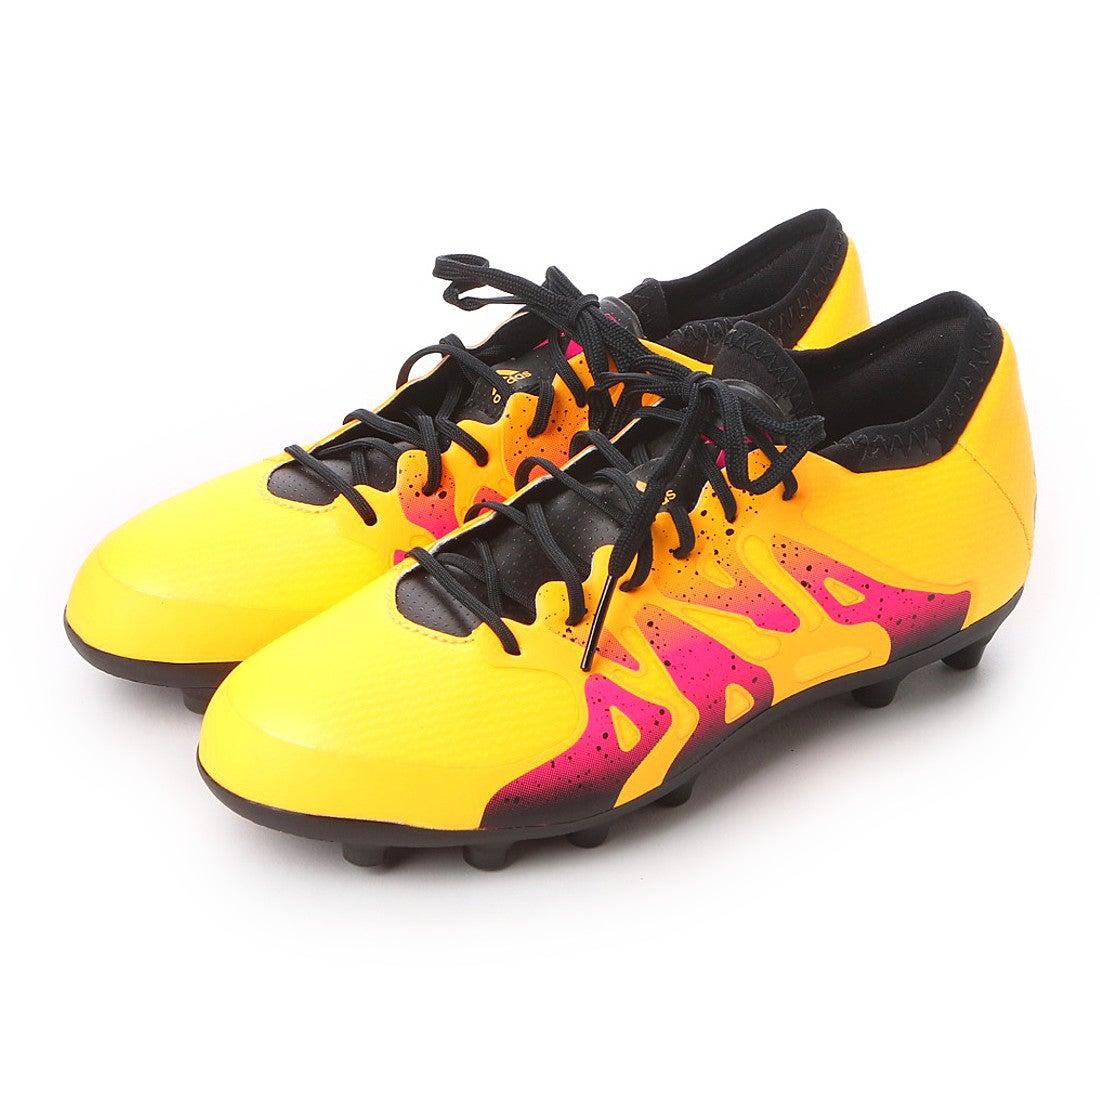 【SALE 30%OFF】アディダス adidas ジュニアサッカースパイク エックス X 15.1ージャパン HG J AF5604 2768 (ソーラーゴールド×コアブラック×ショックピンク S16)